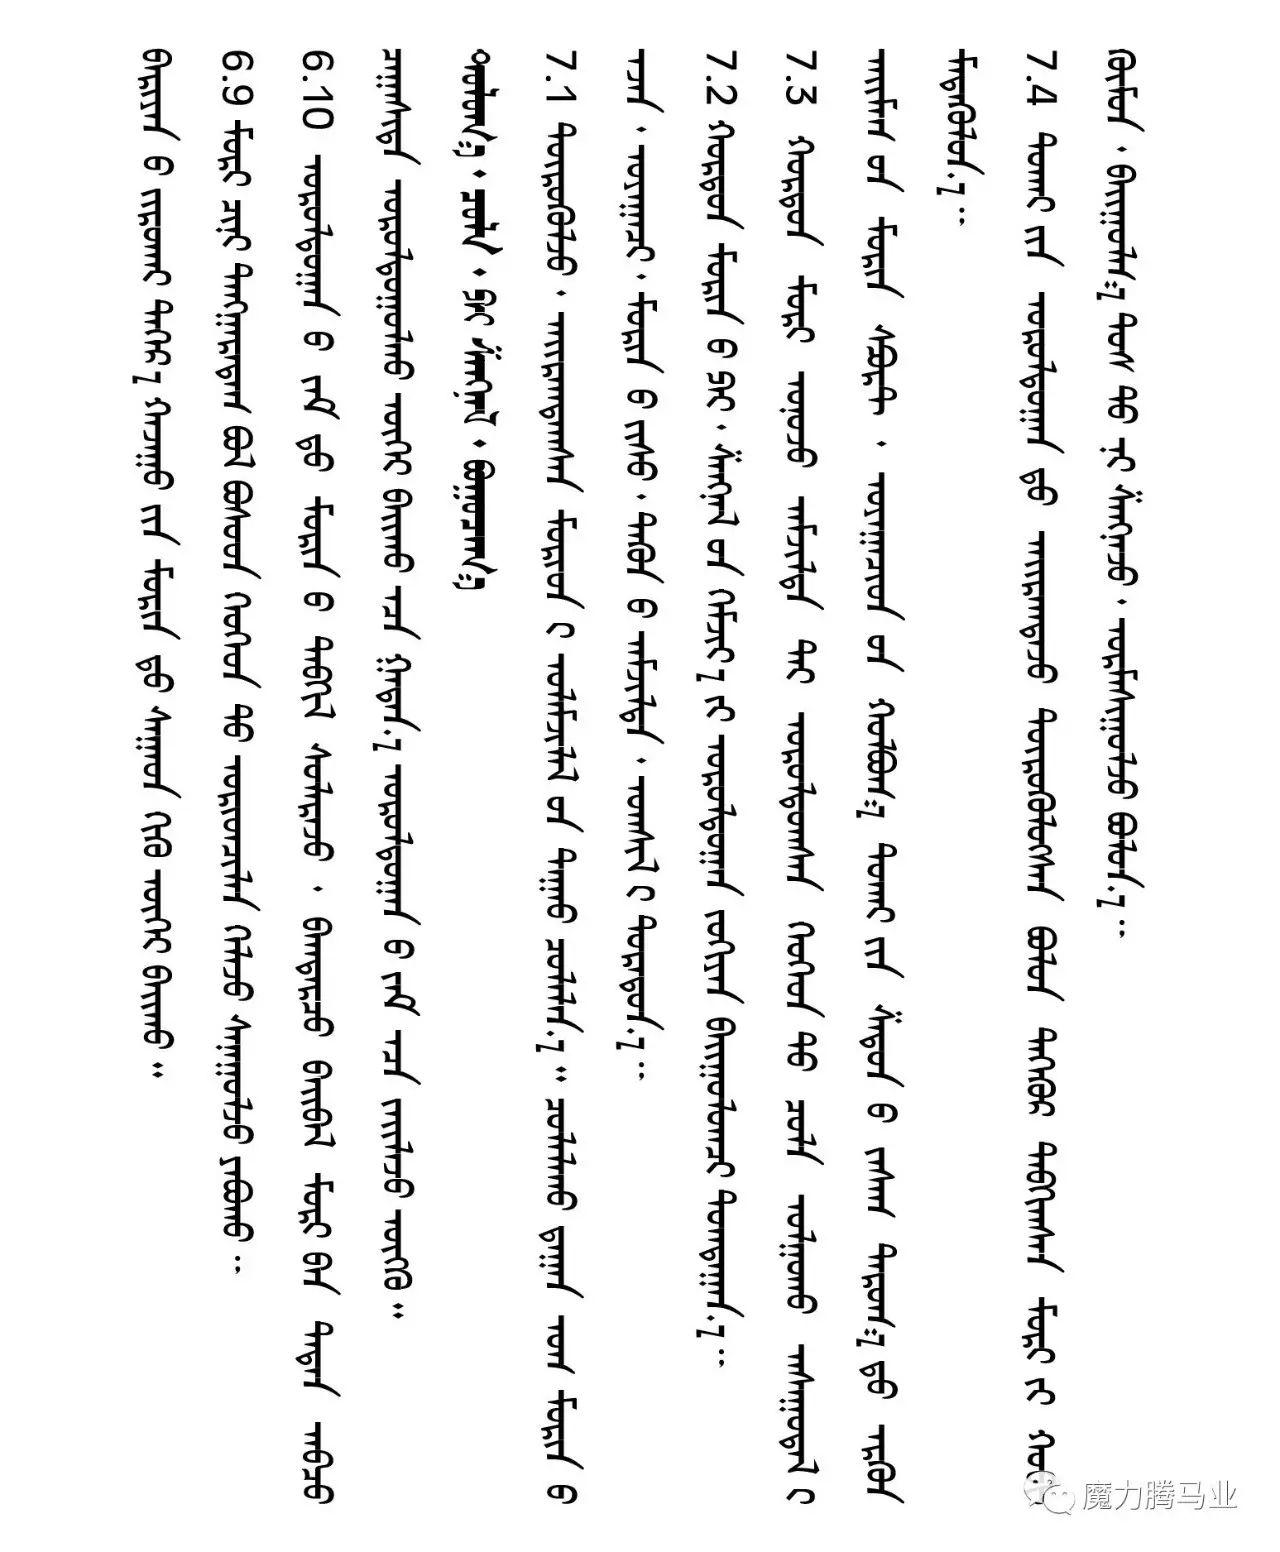 蒙古国赛马章程介绍 第39张